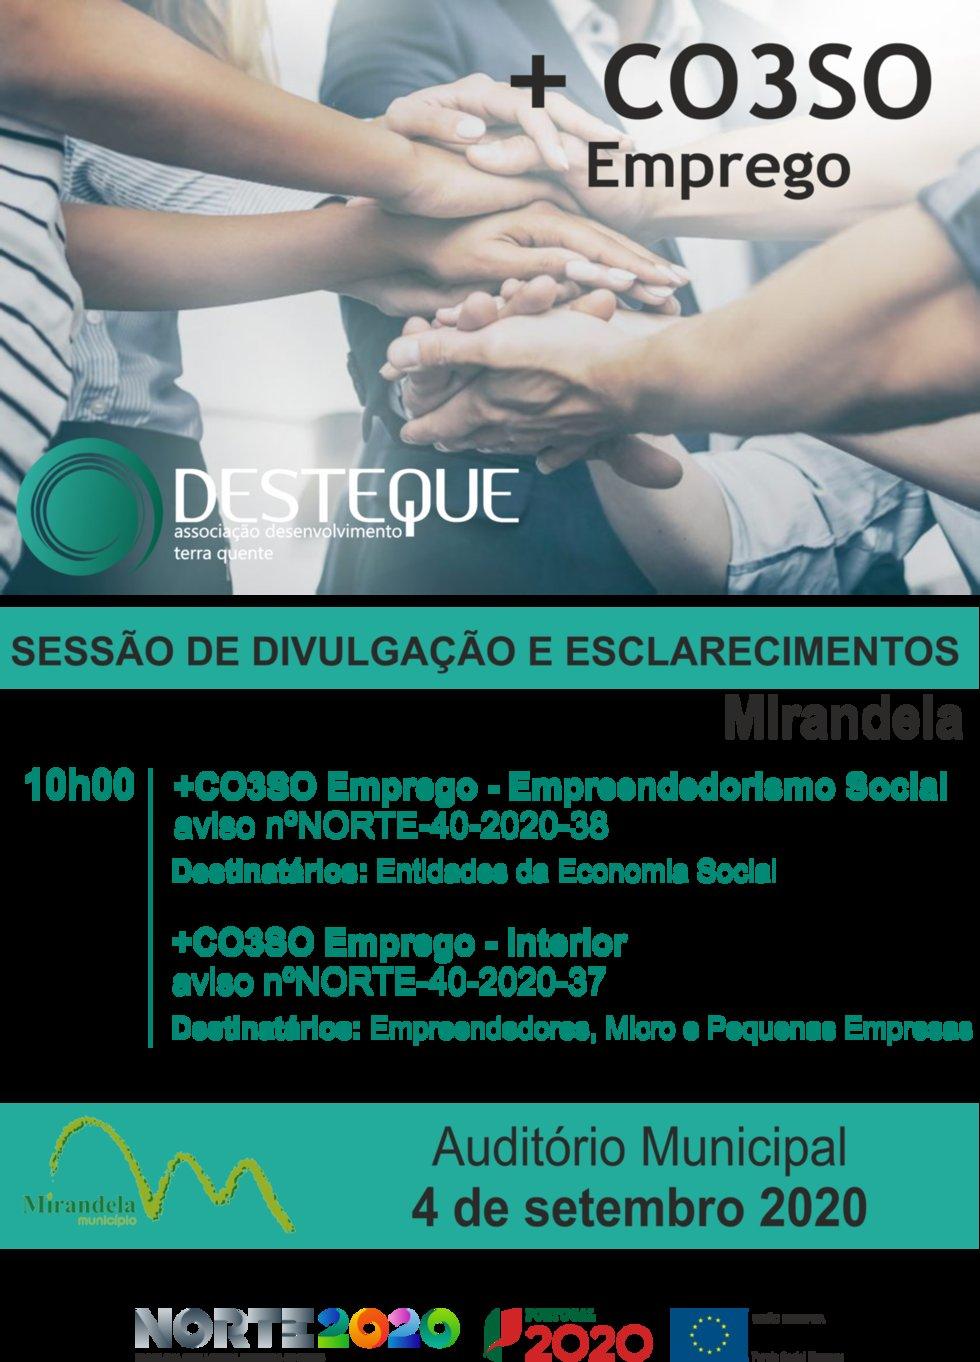 +CO3SO Emprego – Empreendedorismo Social